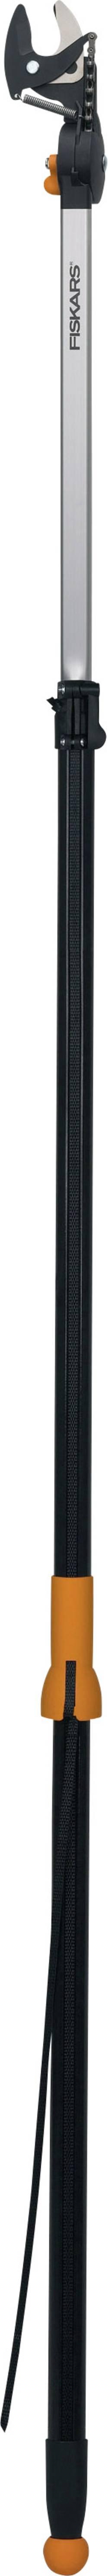 Teleskopické nůžky Fiskars UP86, 115560